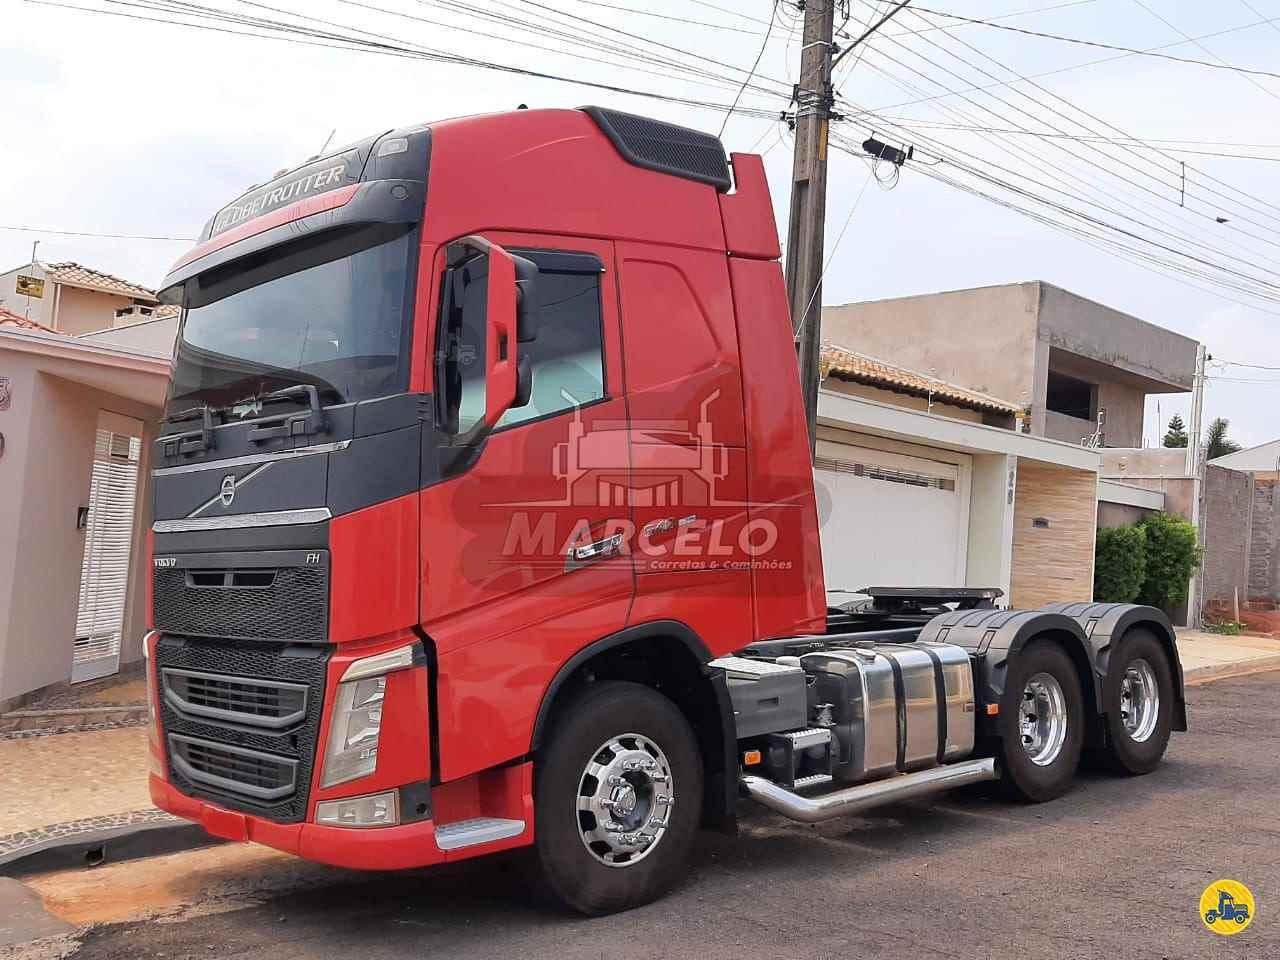 CAMINHAO VOLVO VOLVO FH 540 Cavalo Mecânico Traçado 6x4 Marcelo Carretas e Caminhões PIRAPOZINHO SÃO PAULO SP